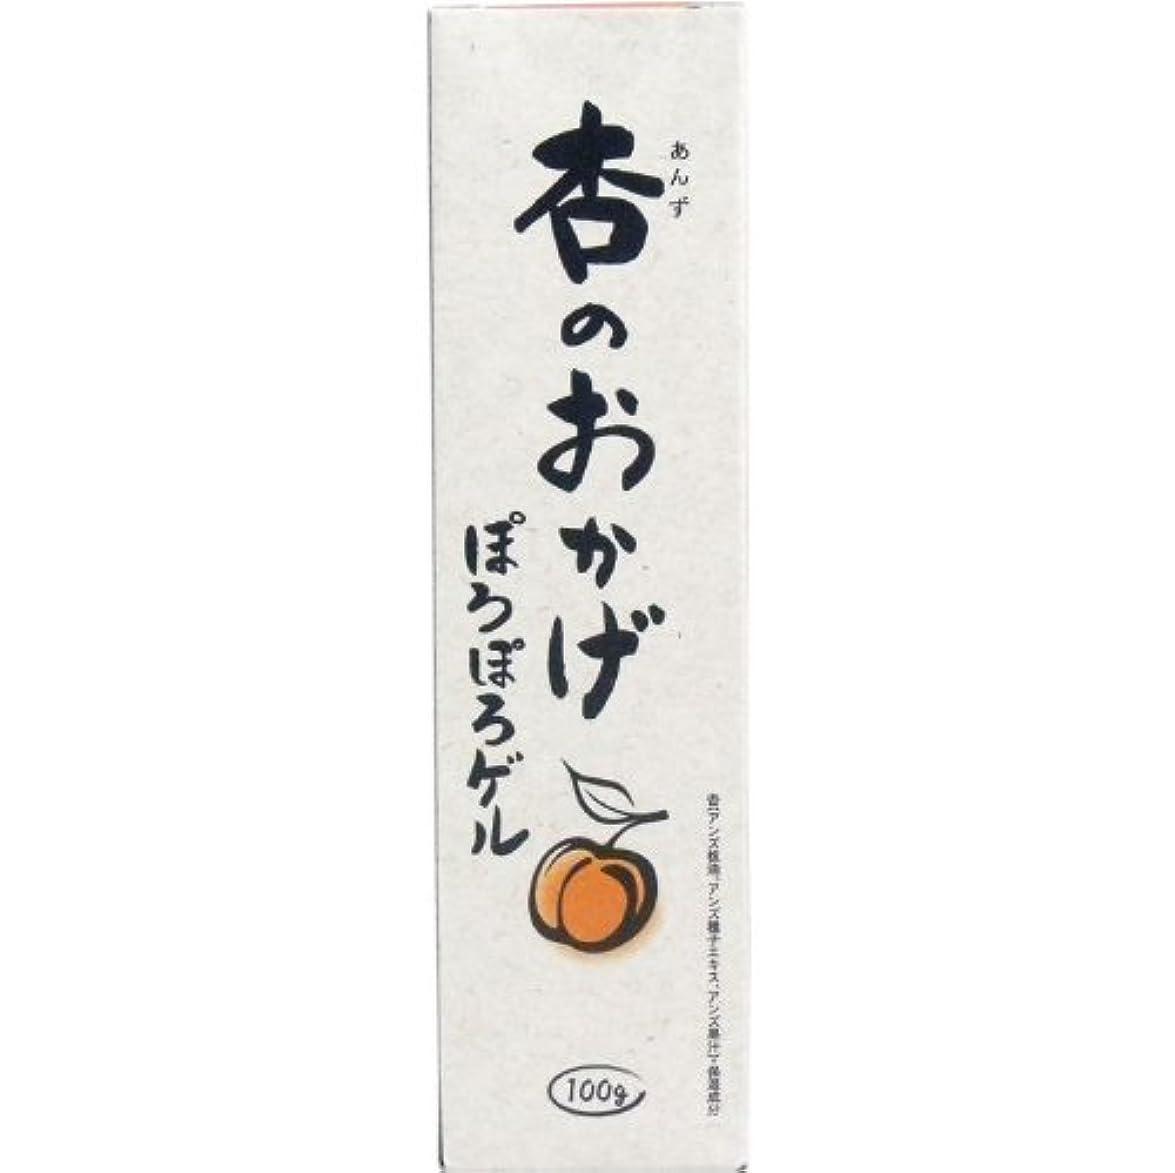 冒険家仕様セント杏のおかげ ぽろぽろゲル 100g【2個セット】